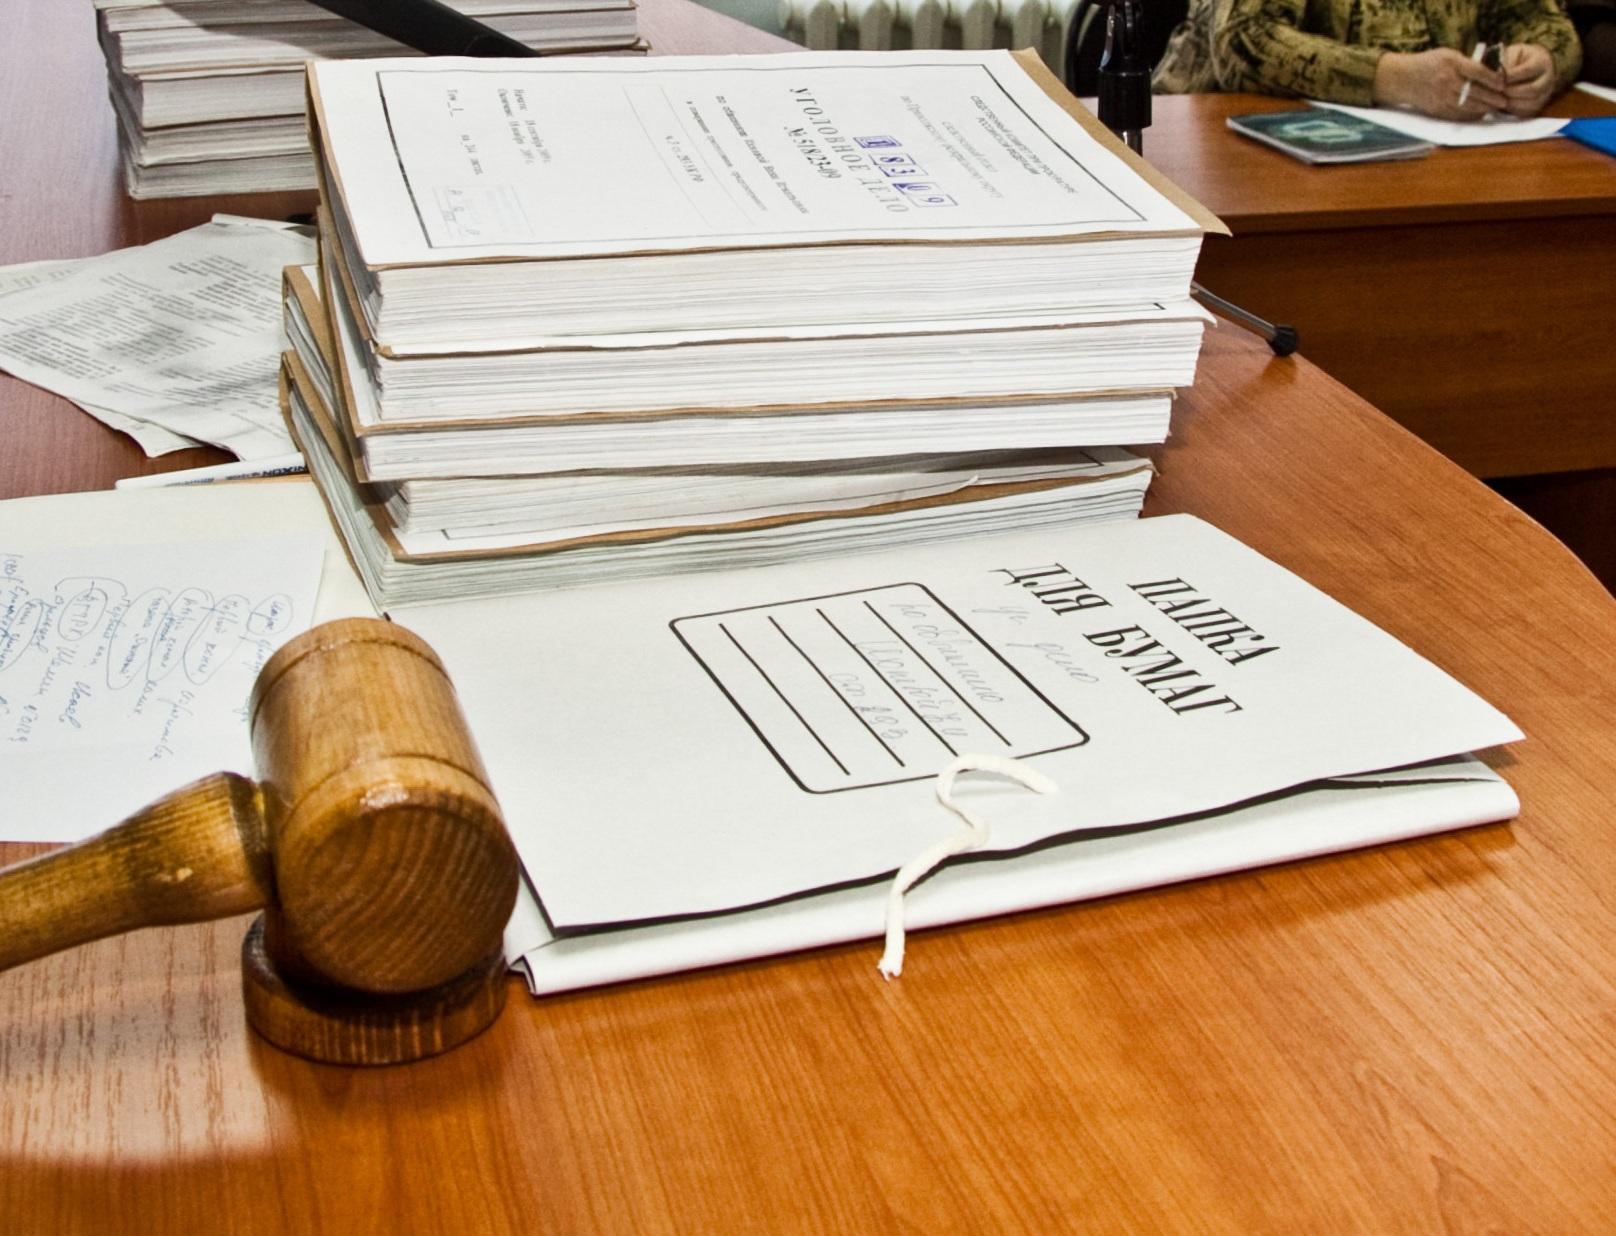 Прекращение уголовного дела: основания по ст 27 УПК РФ, прекращение преследования